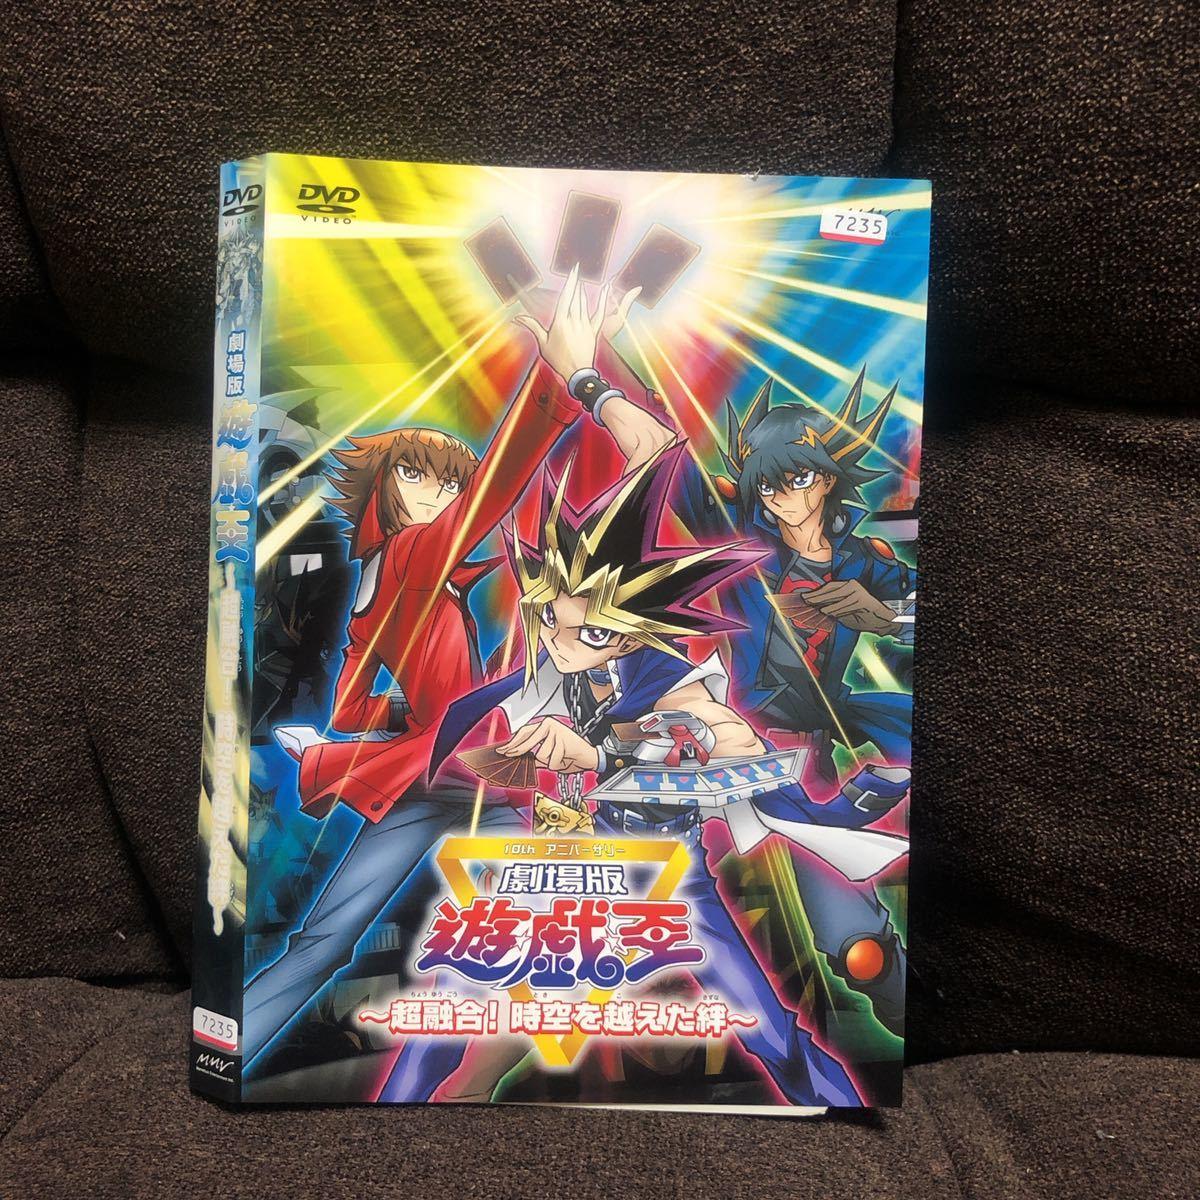 劇場版 遊☆戯☆王 ~超融合!時空を超えた絆~ DVD